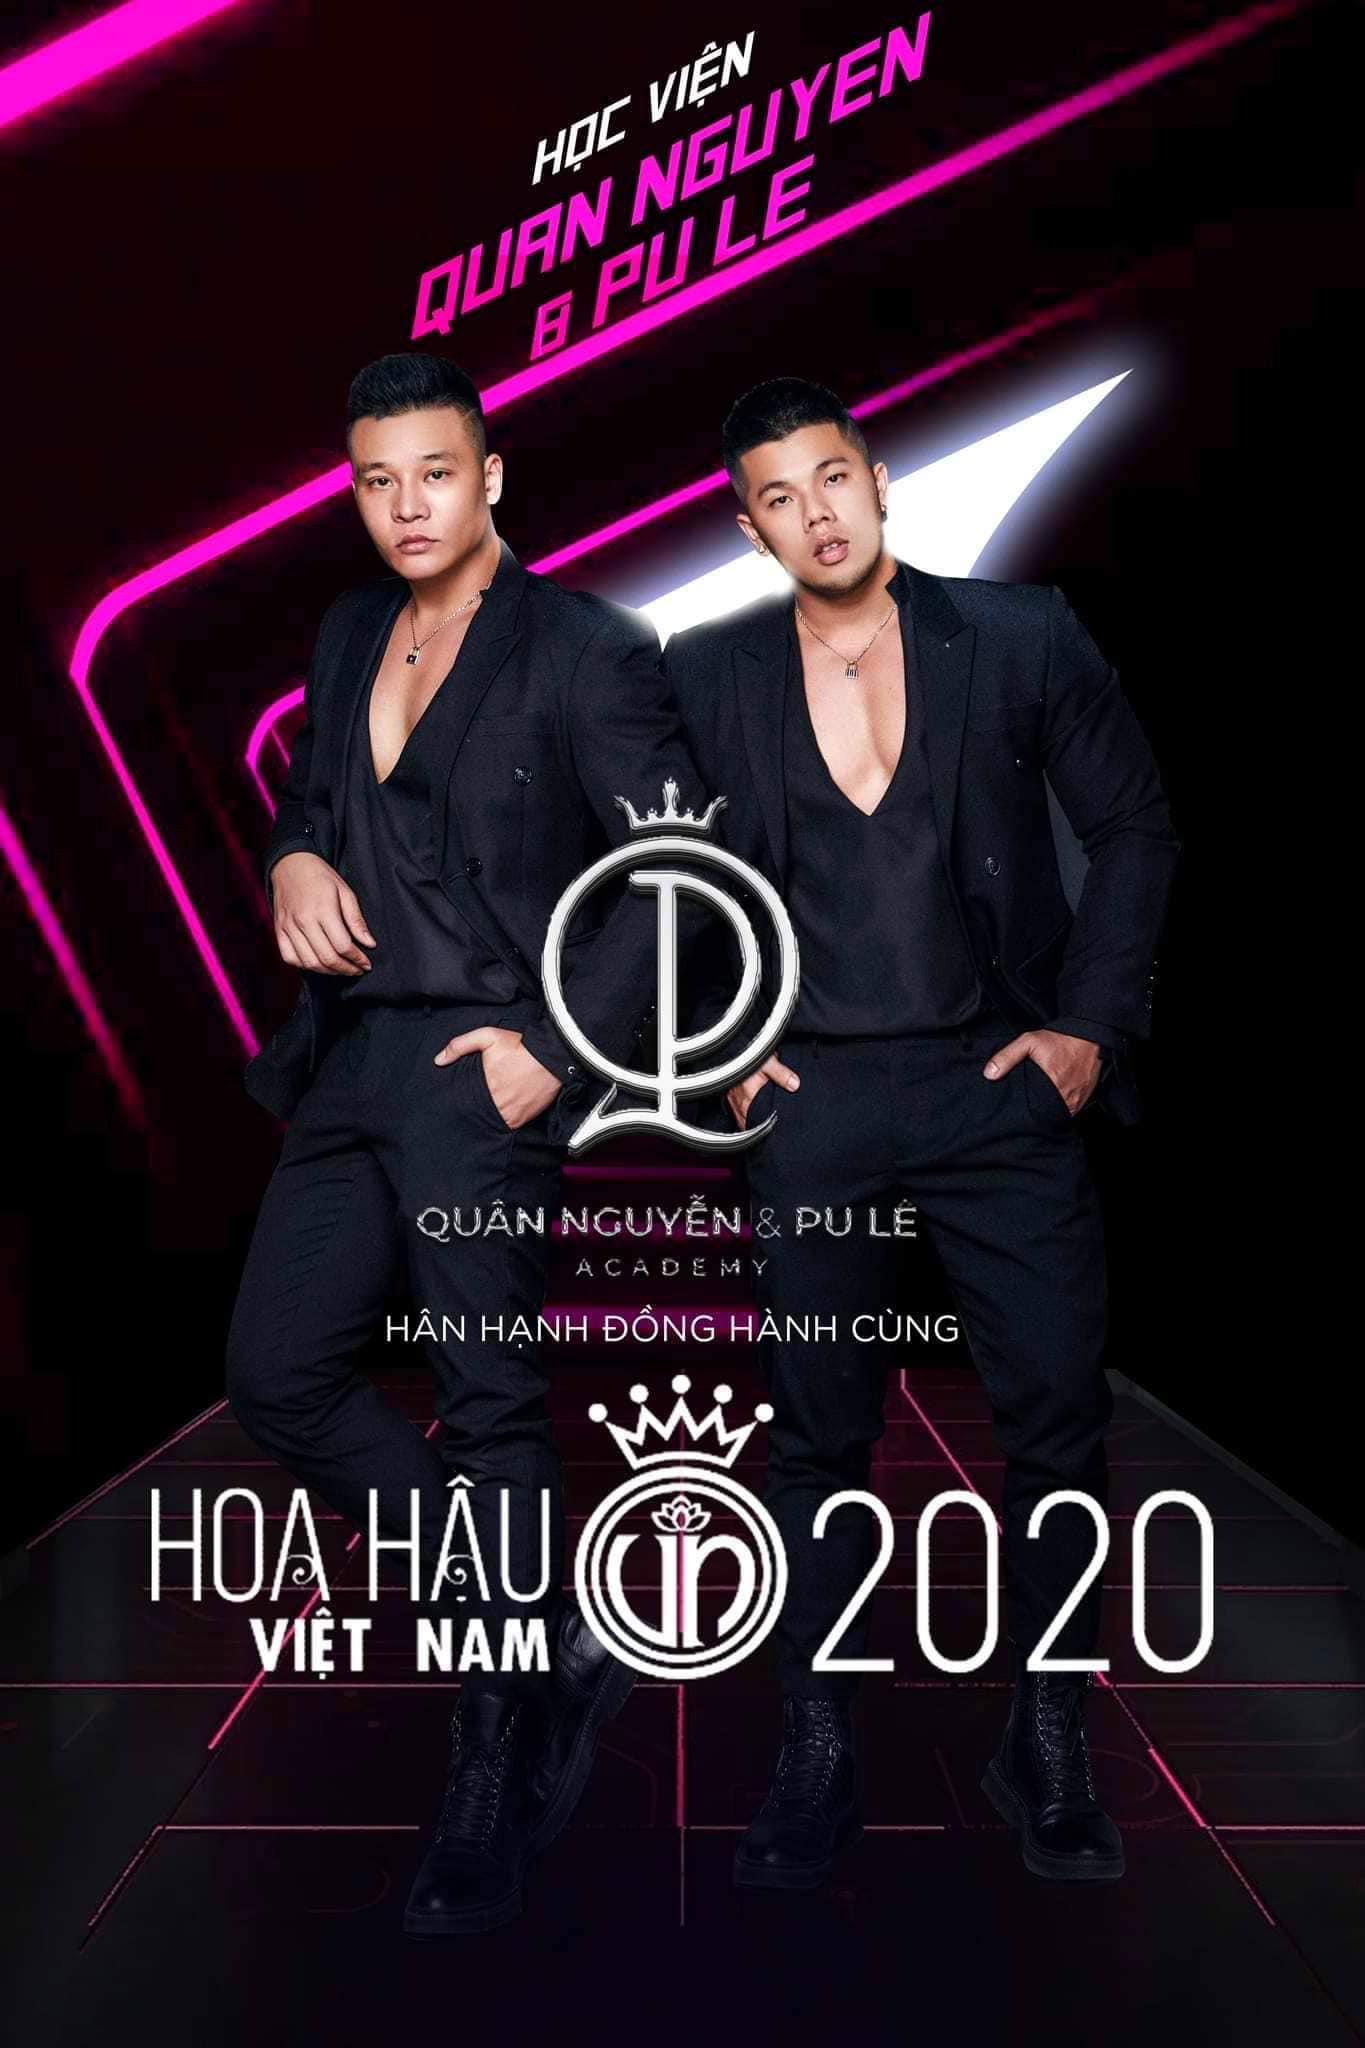 Đội quân makeup đồng hành cùng Hoa hậu Việt Nam 2020 là ai? - Ảnh 1.